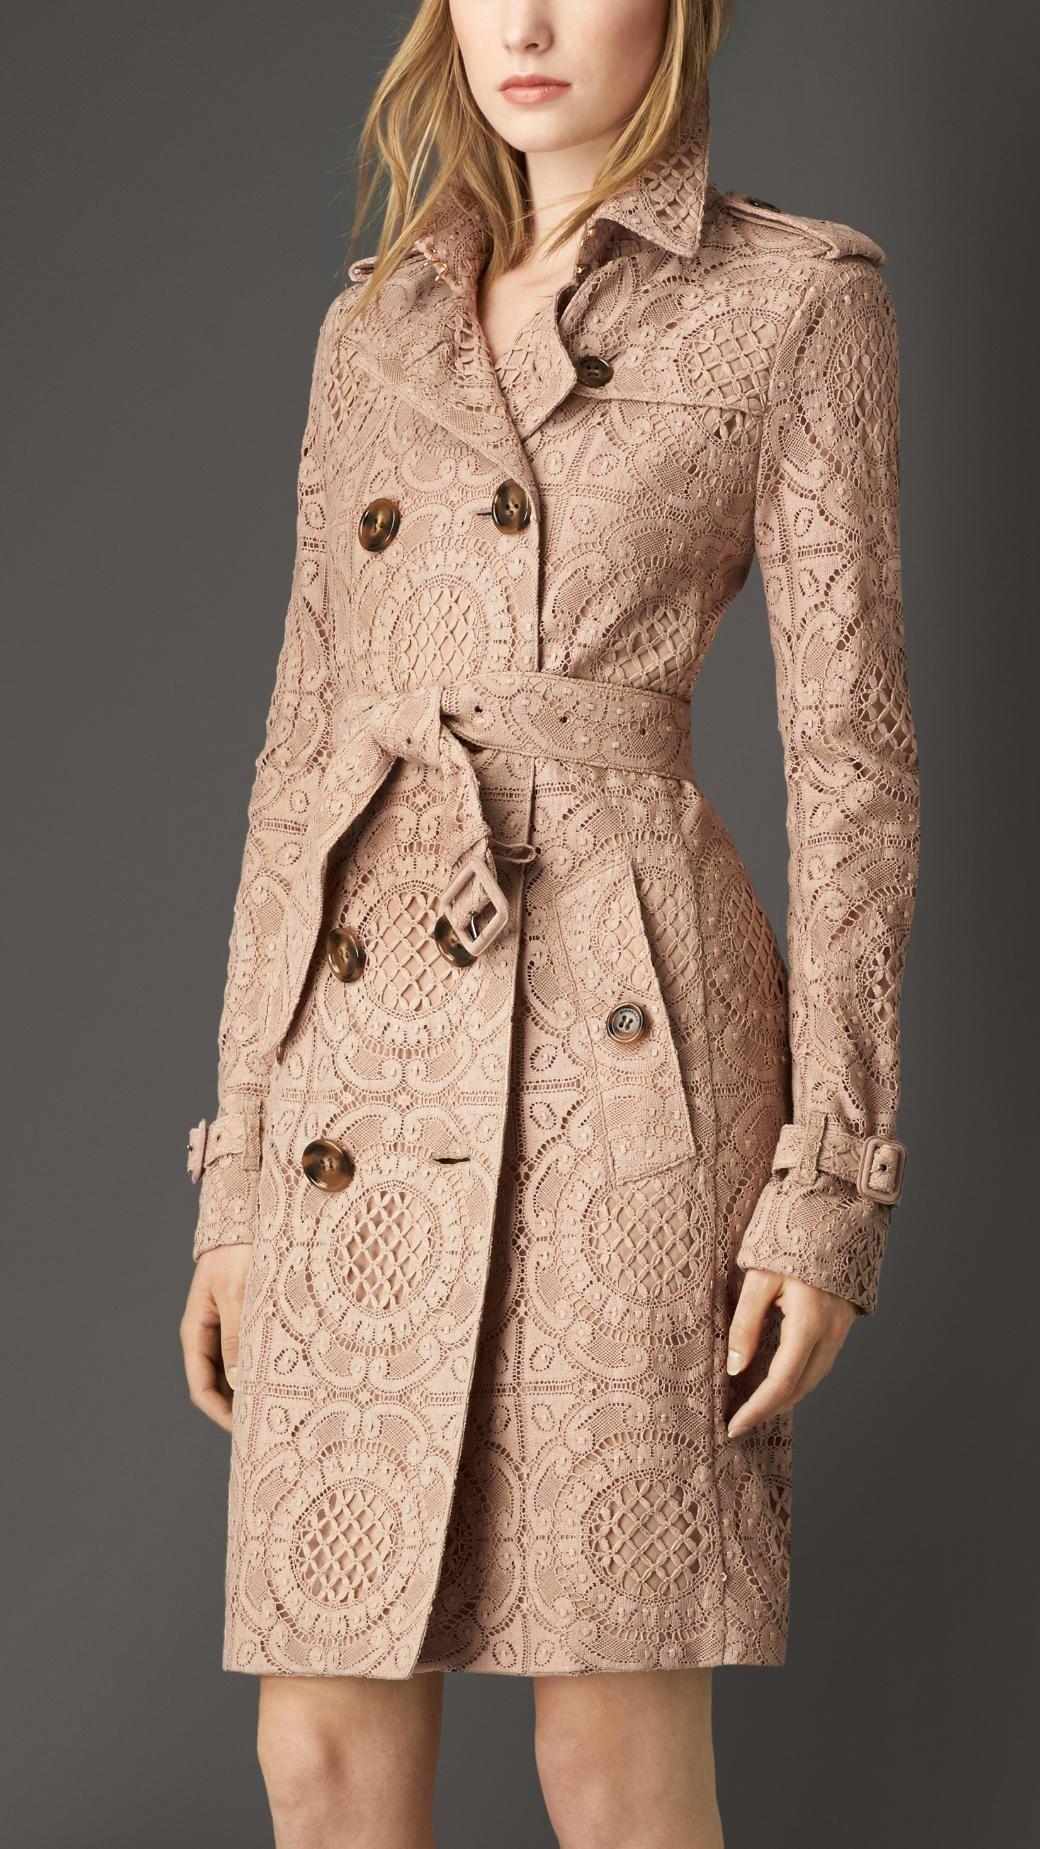 Jaqueta feminina preta Parka impermeável, casaco de chuva